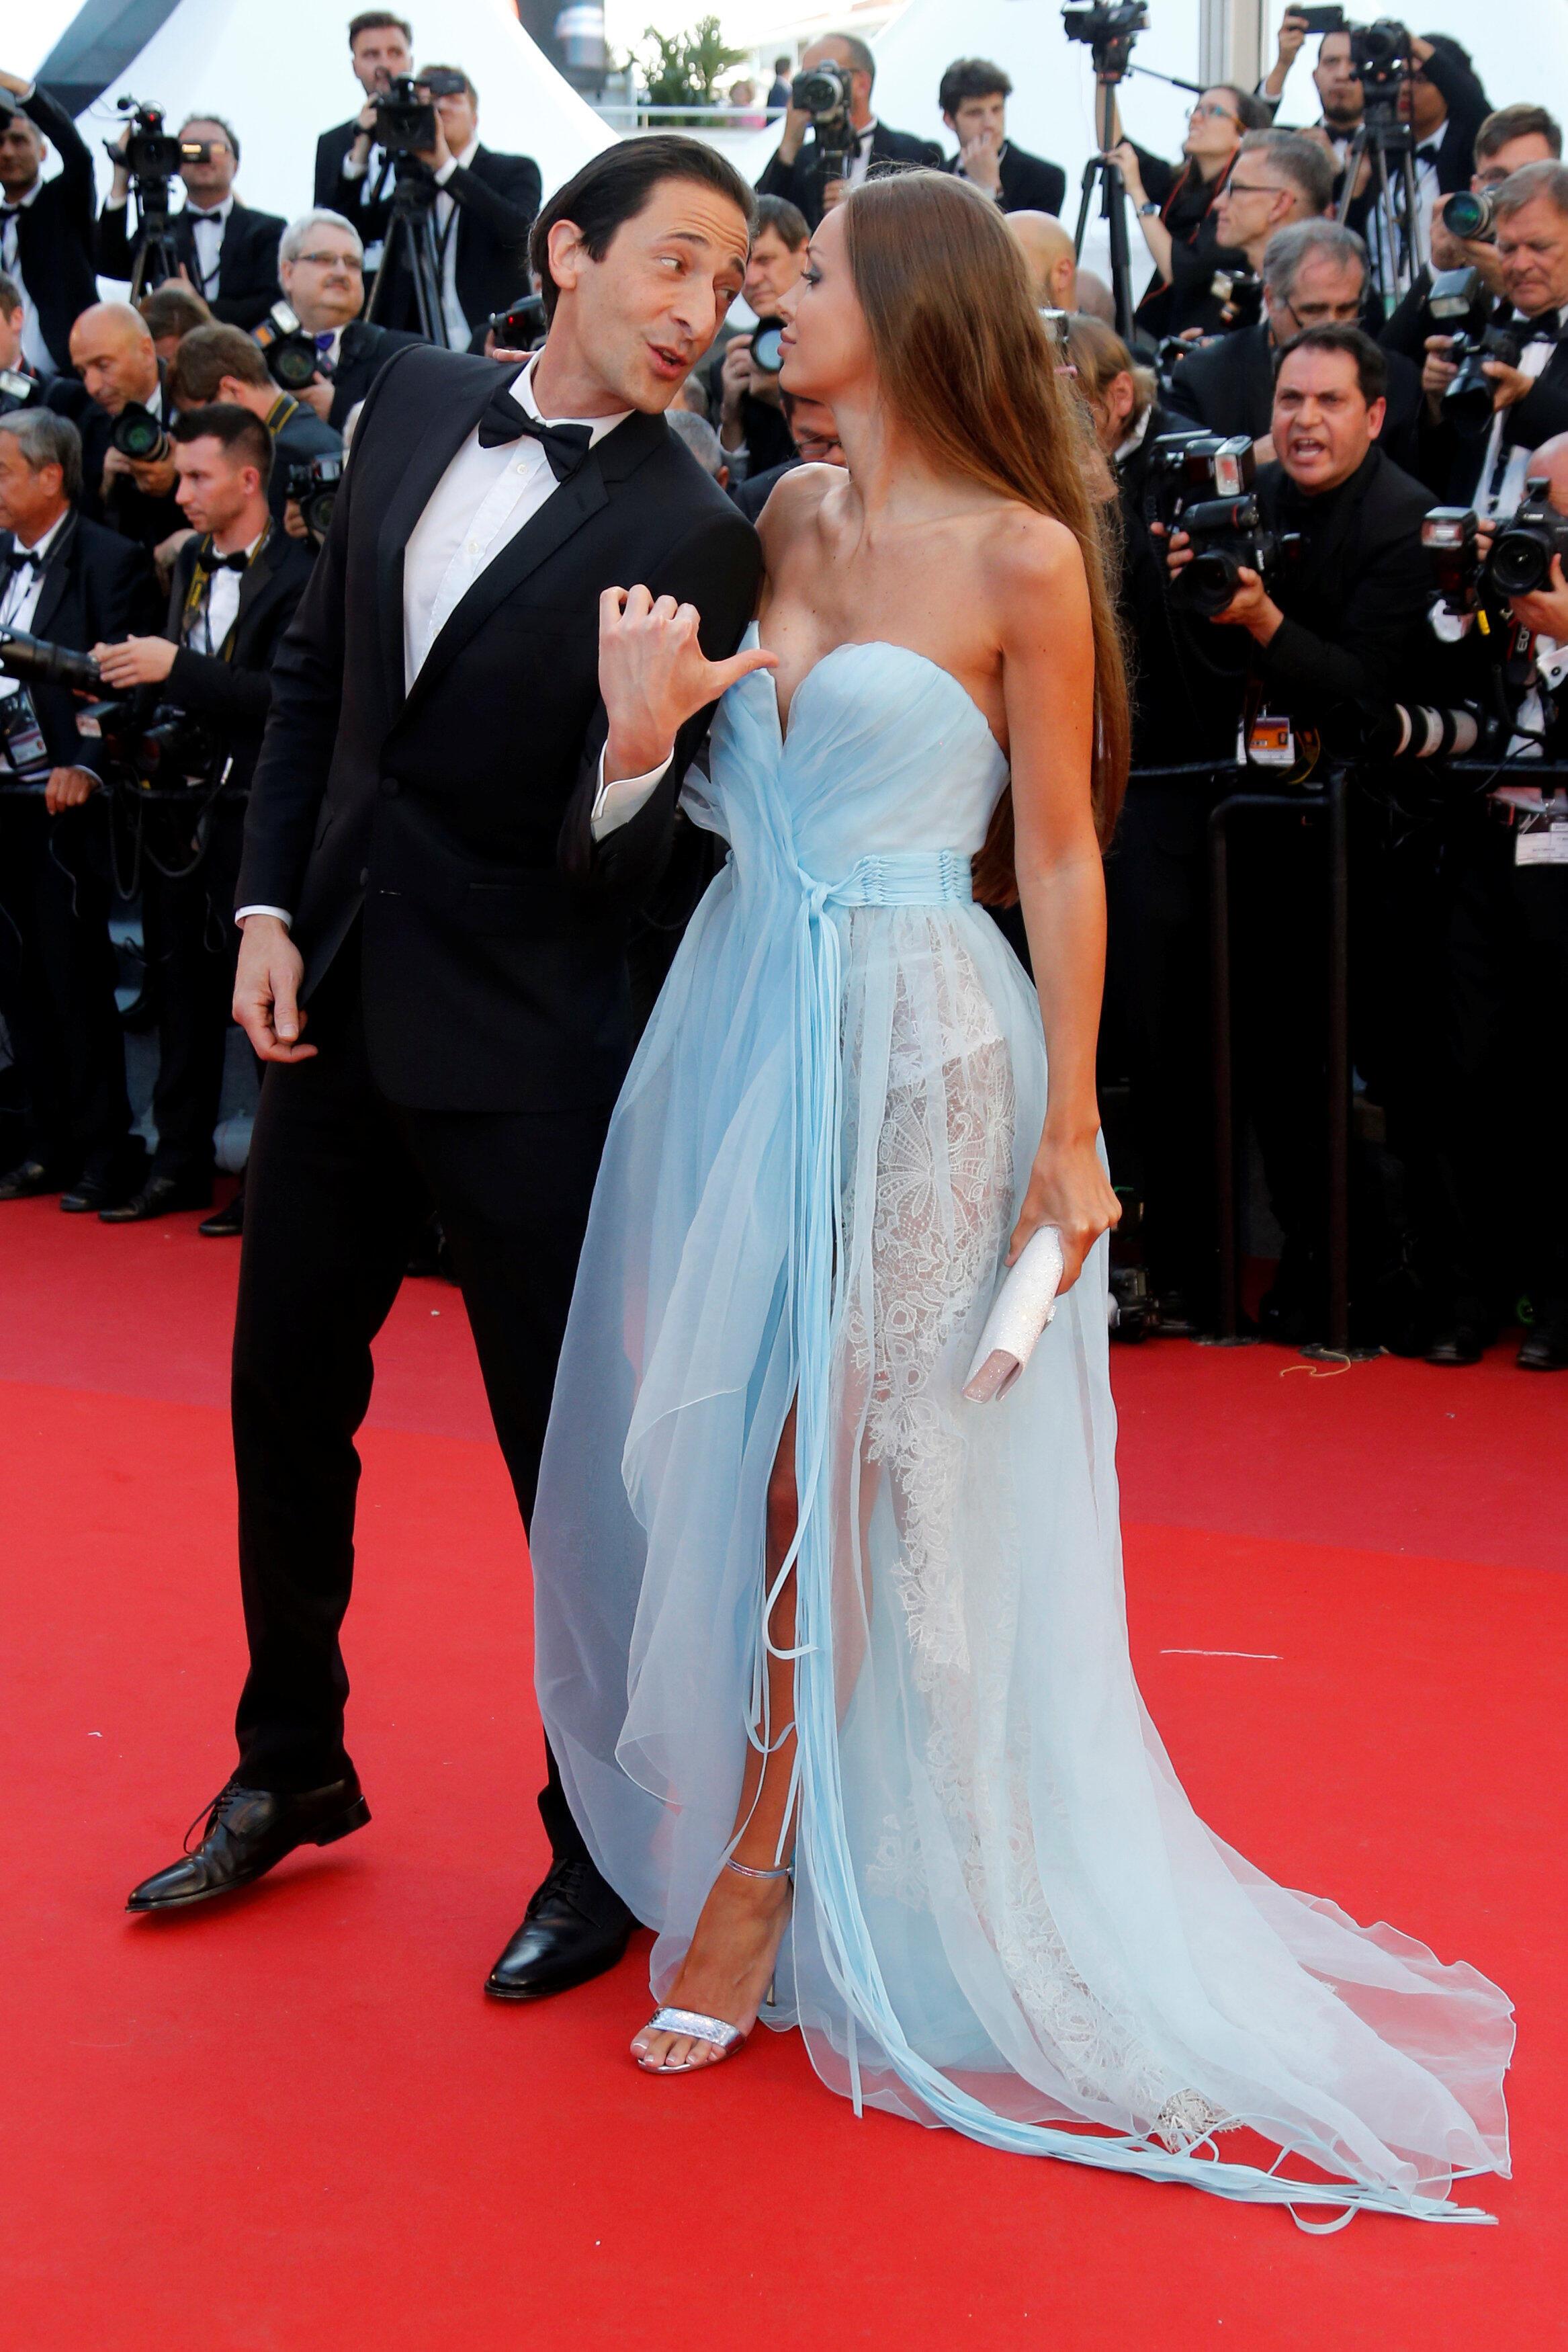 Эдриен Броди и Лара Льето, в Каннах жаркий вечер, у дам преобладает прозрачное...